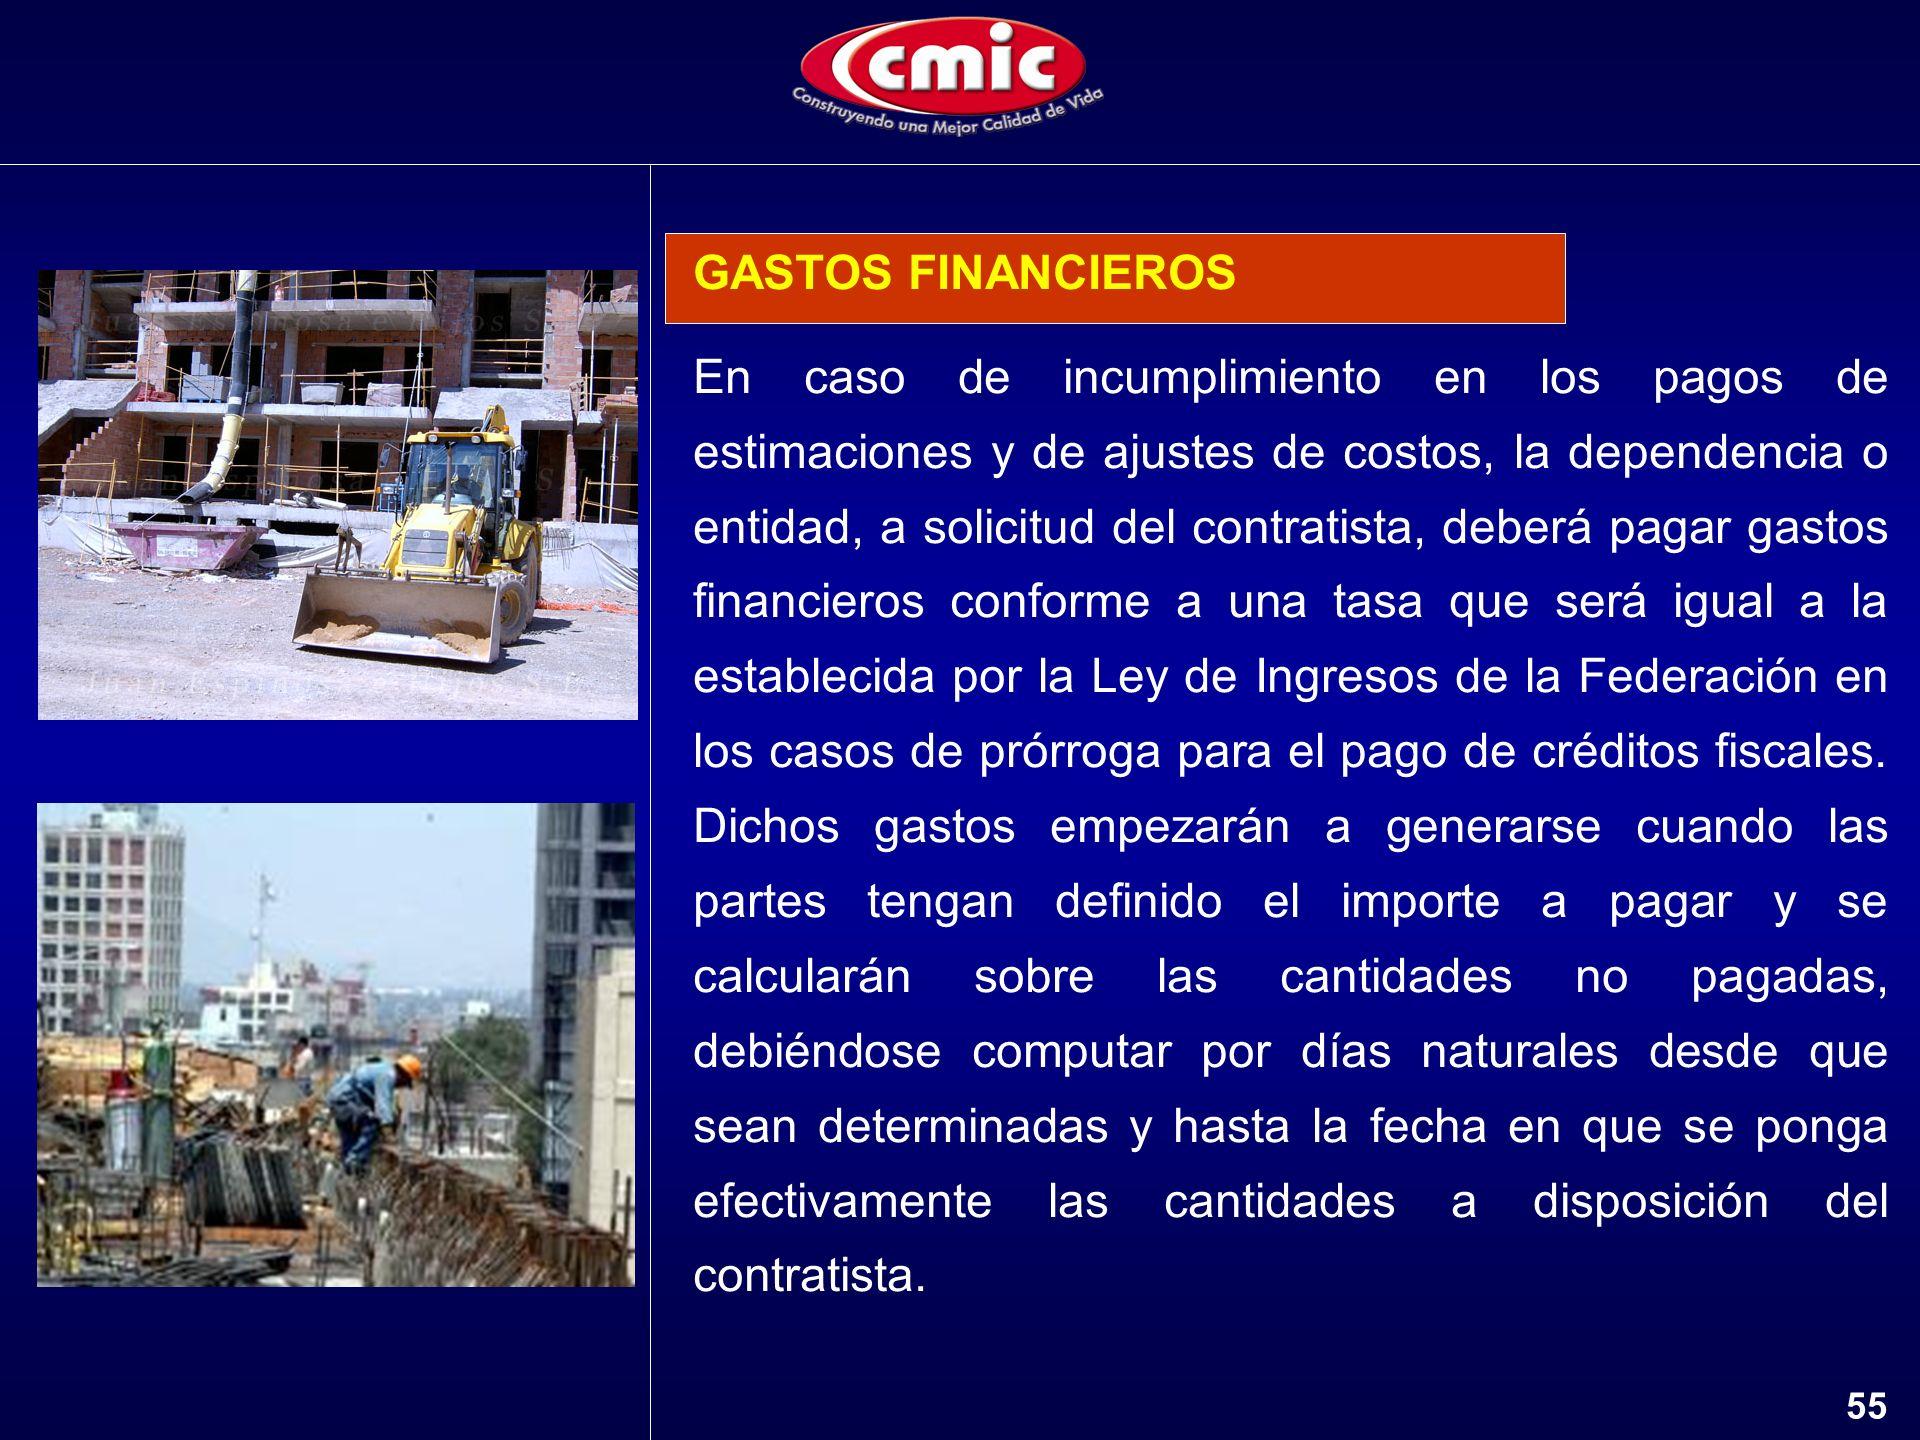 GASTOS FINANCIEROS